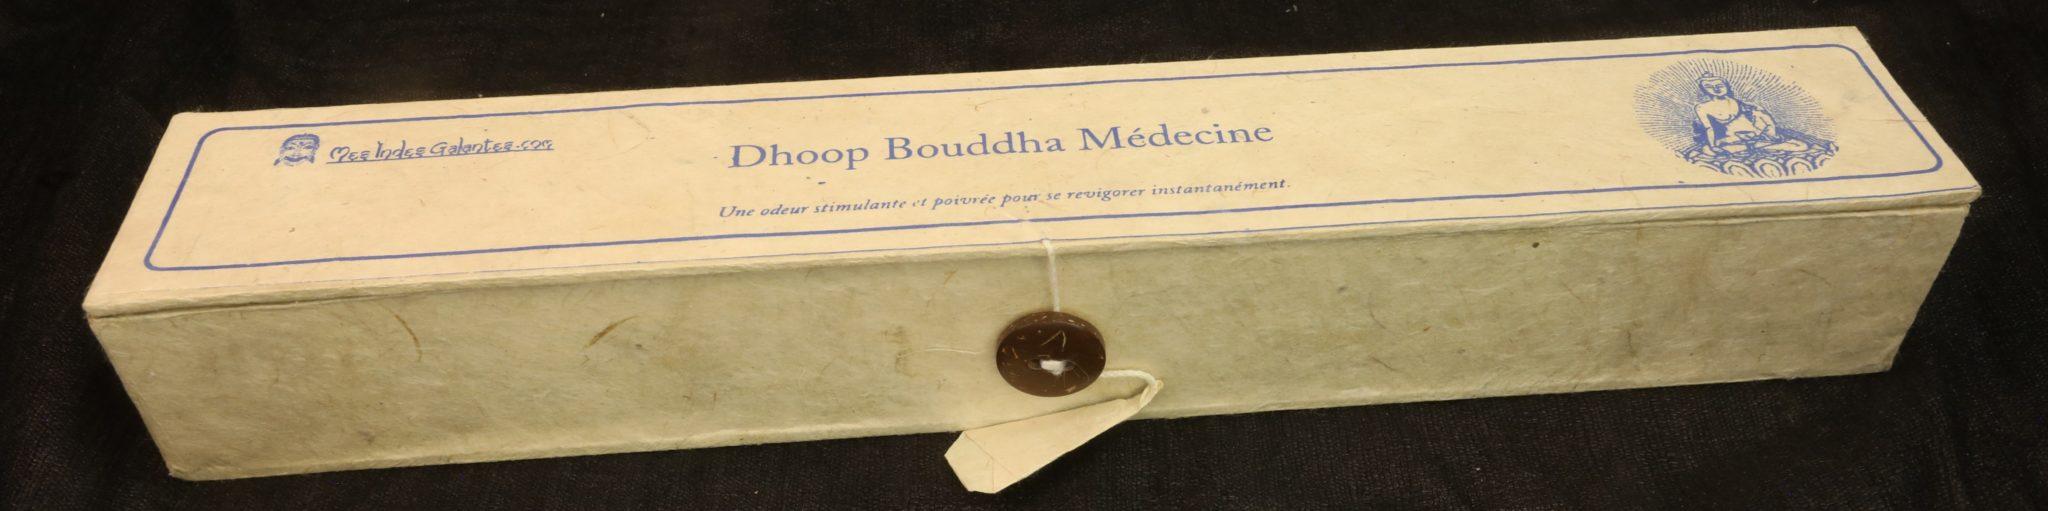 encens bouddha médecine achat paris mes inde galantes